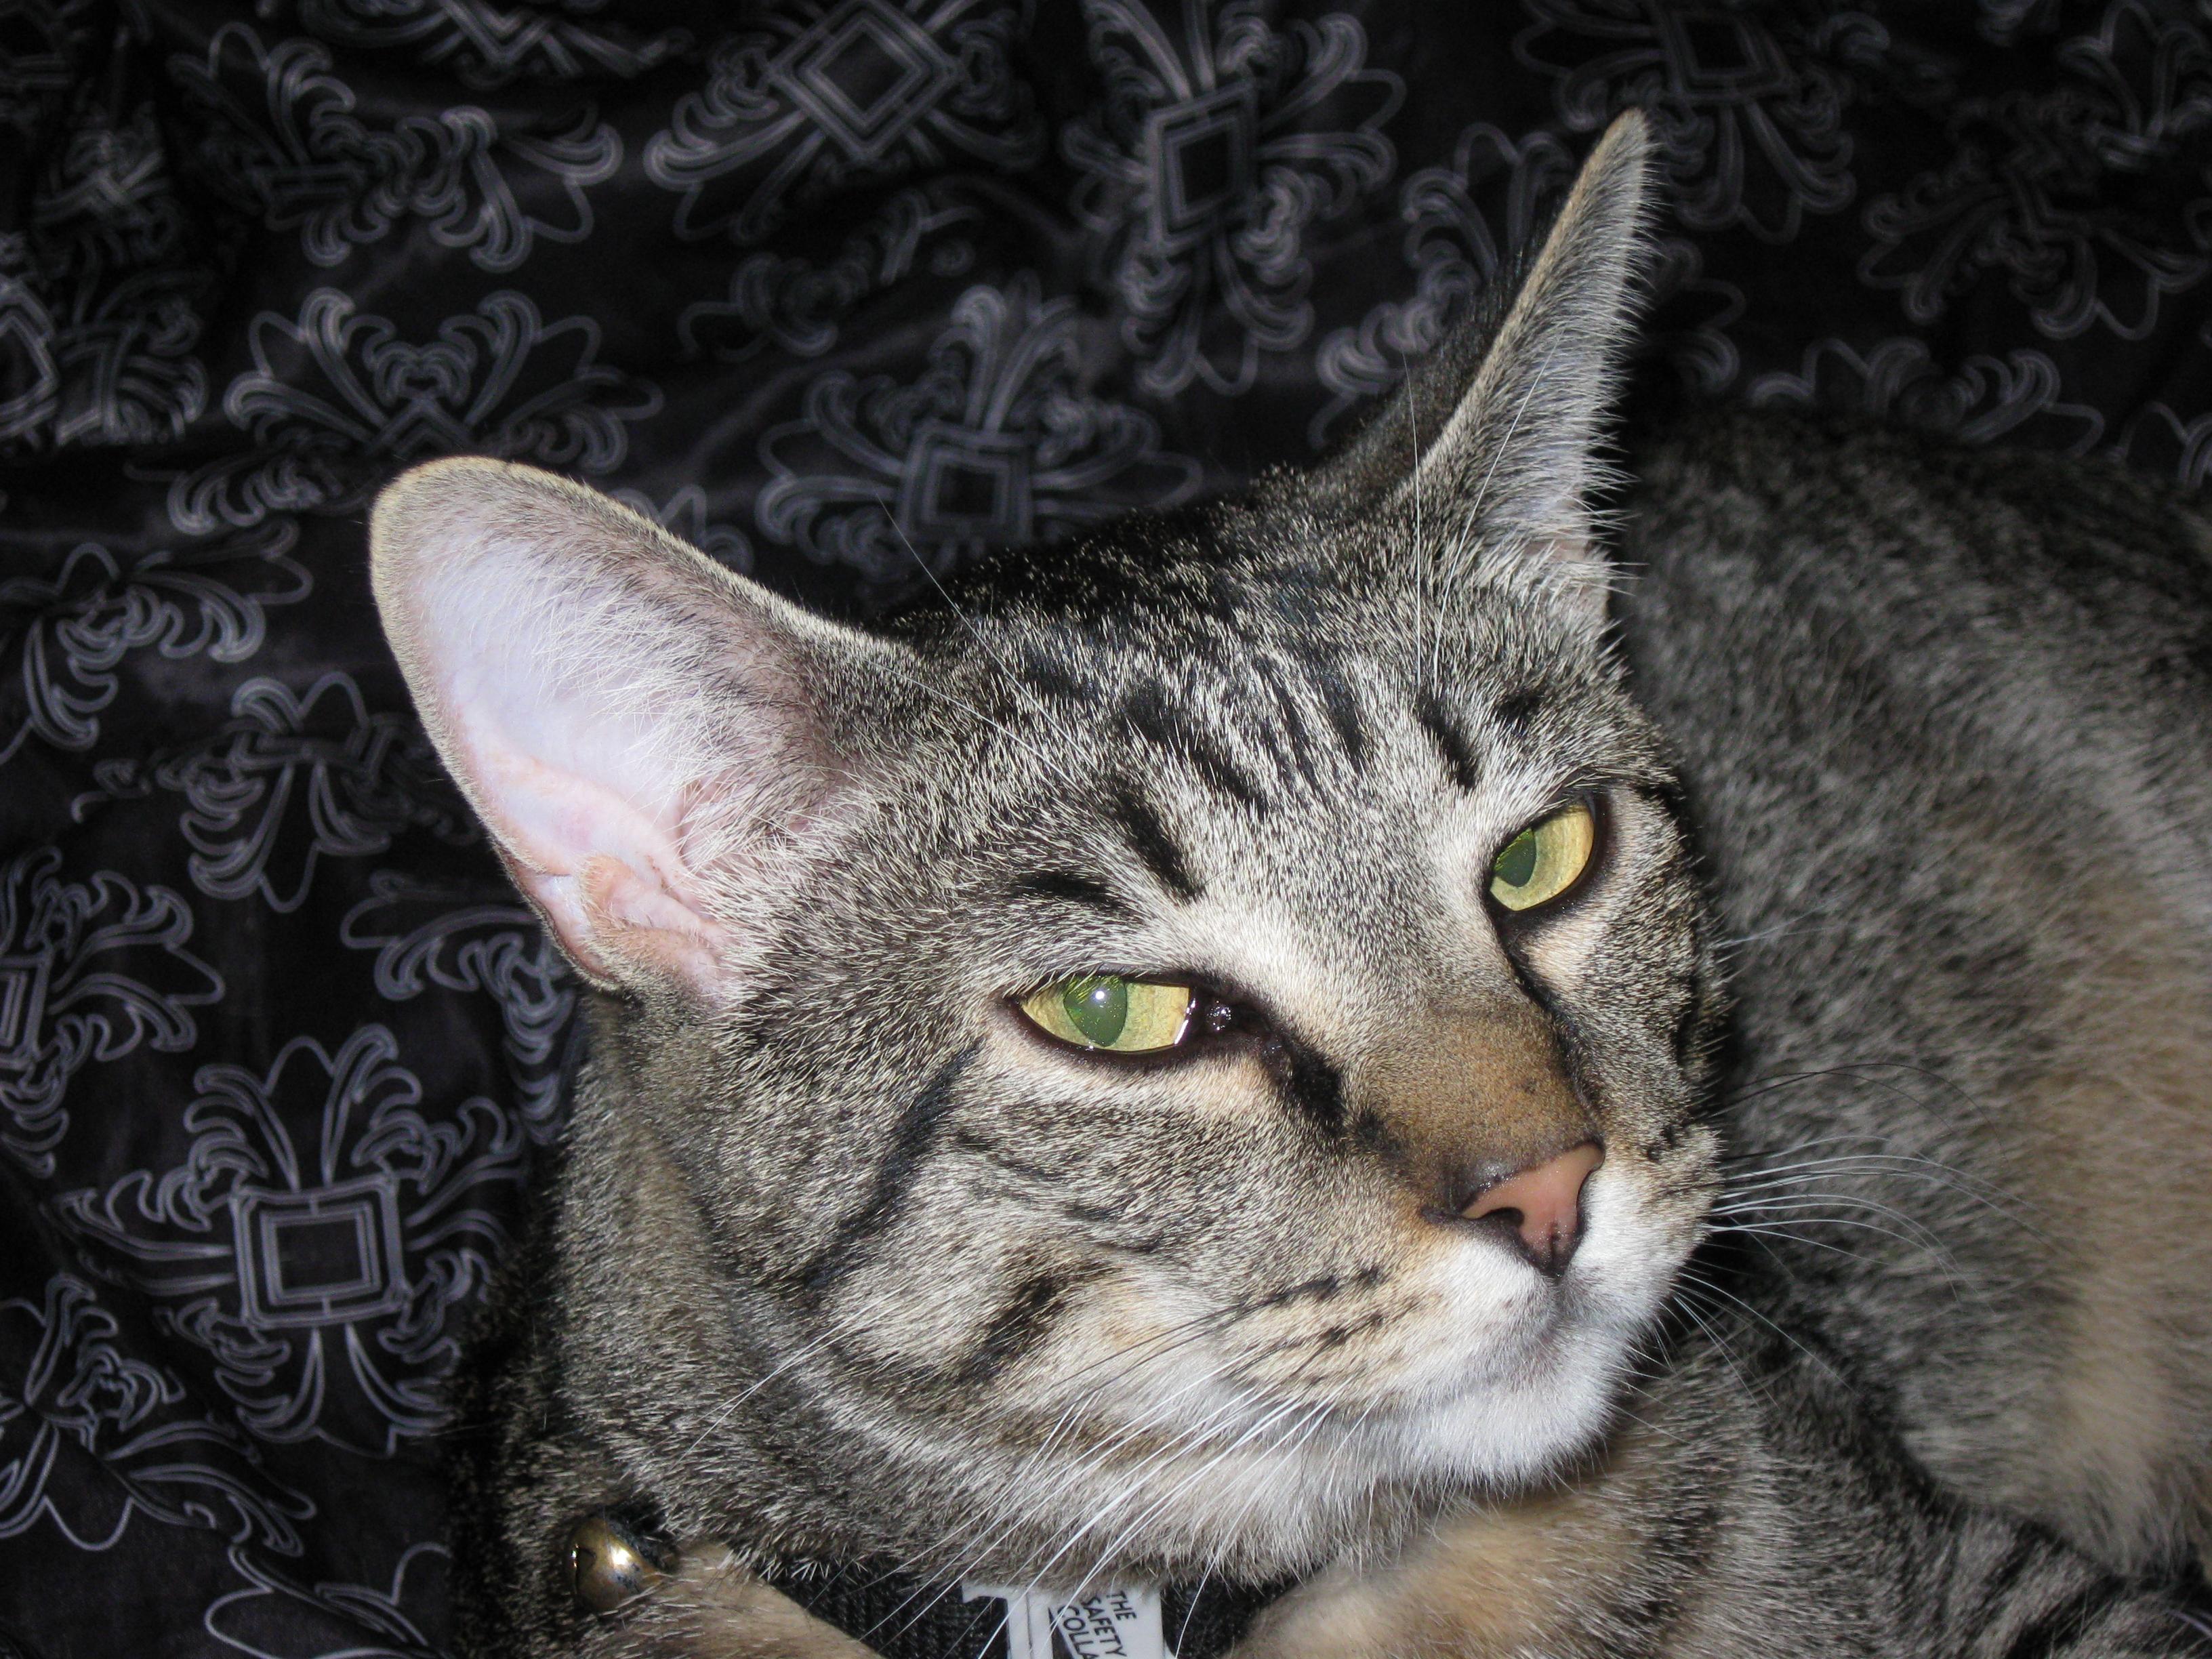 Radar face closeup, Animal, Cat, Cats, Pet, HQ Photo